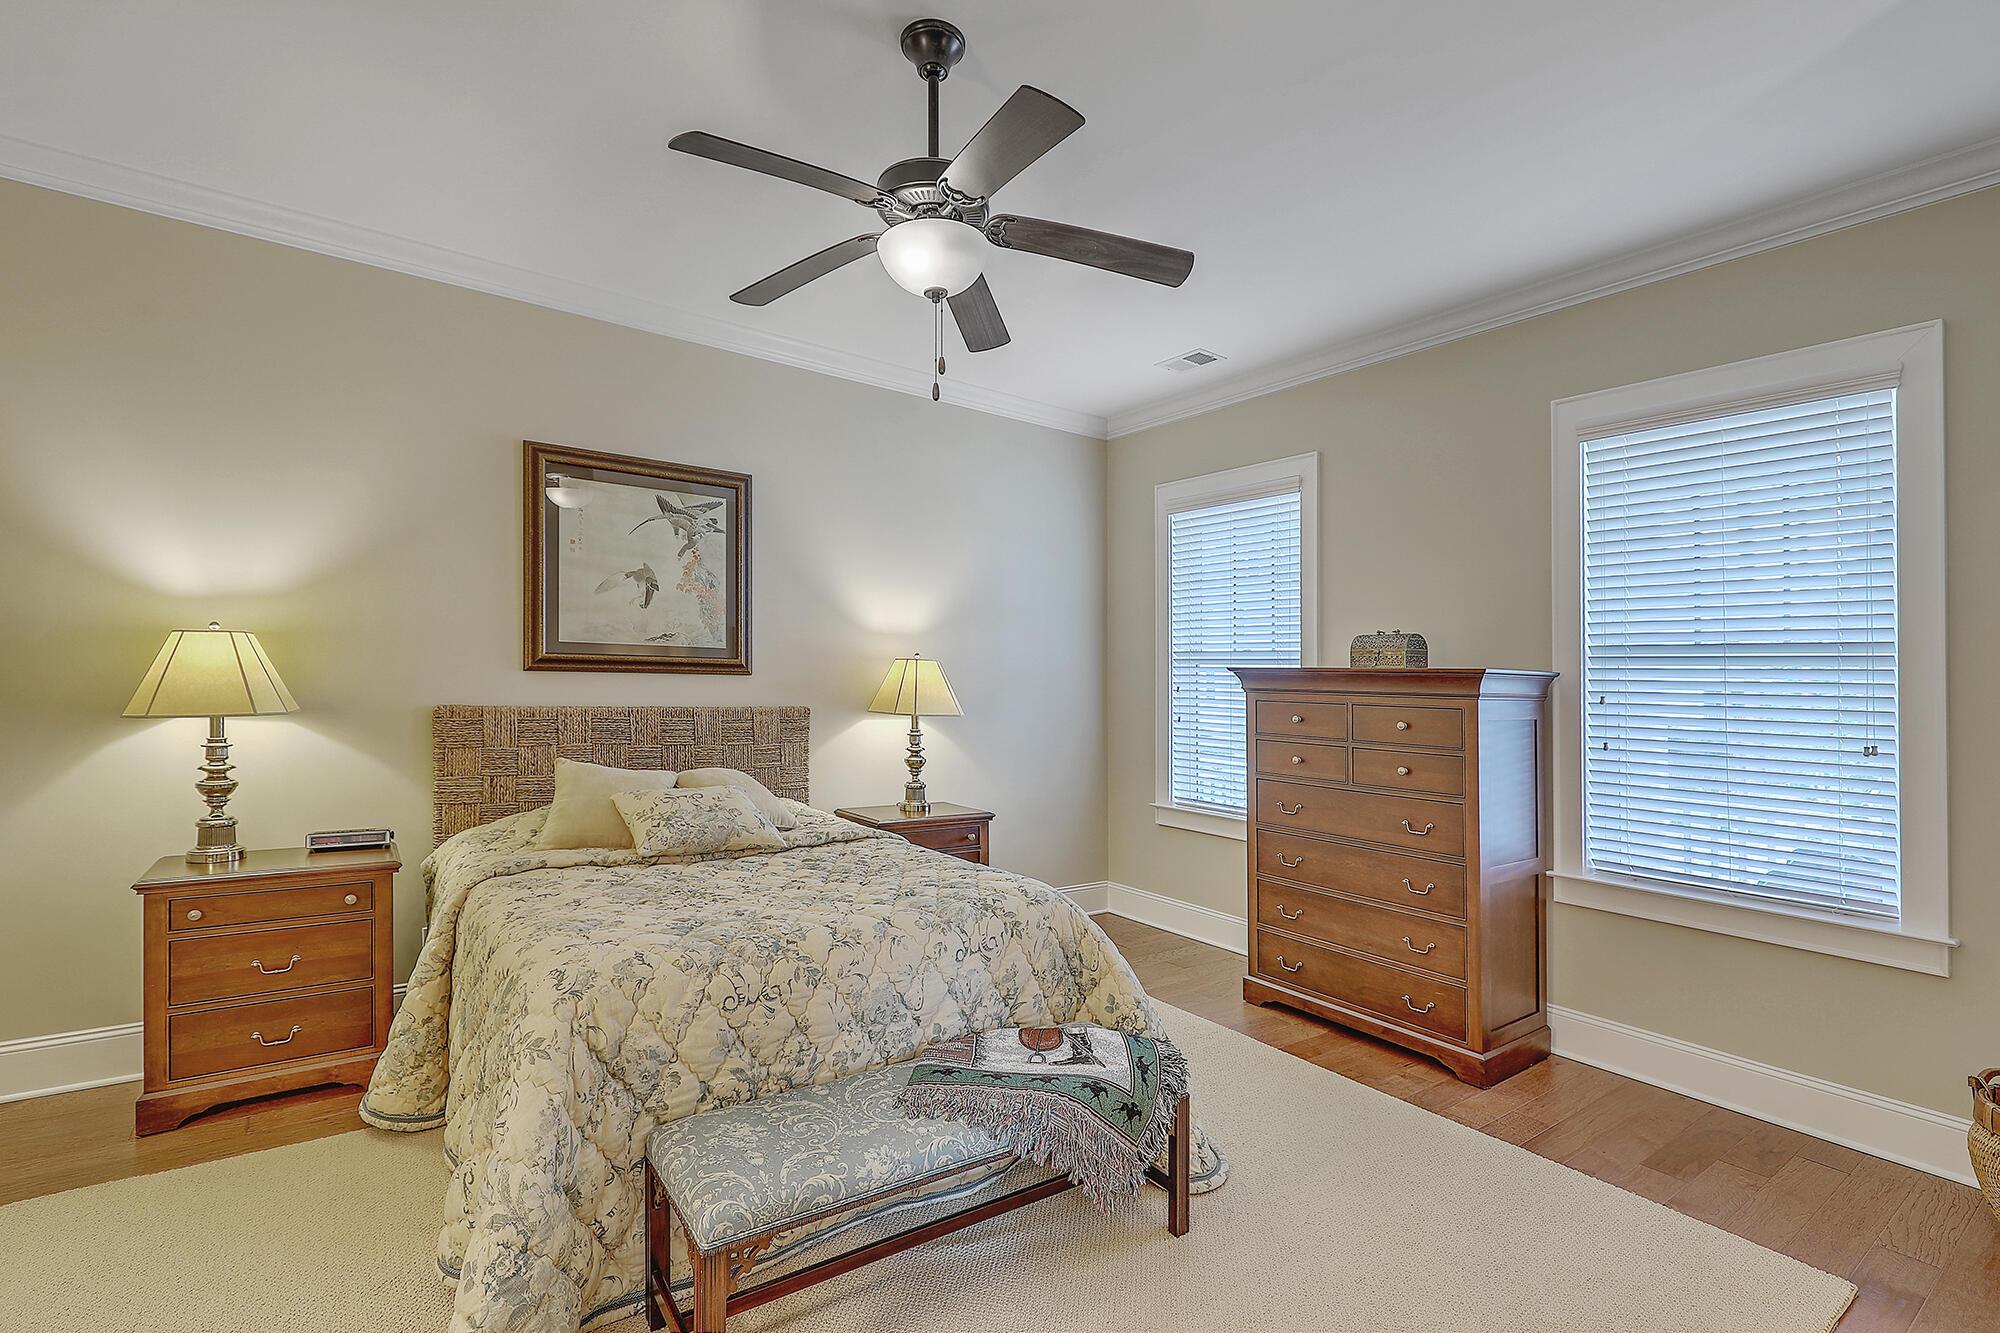 Dunes West Homes For Sale - 3171 Sturbridge, Mount Pleasant, SC - 47